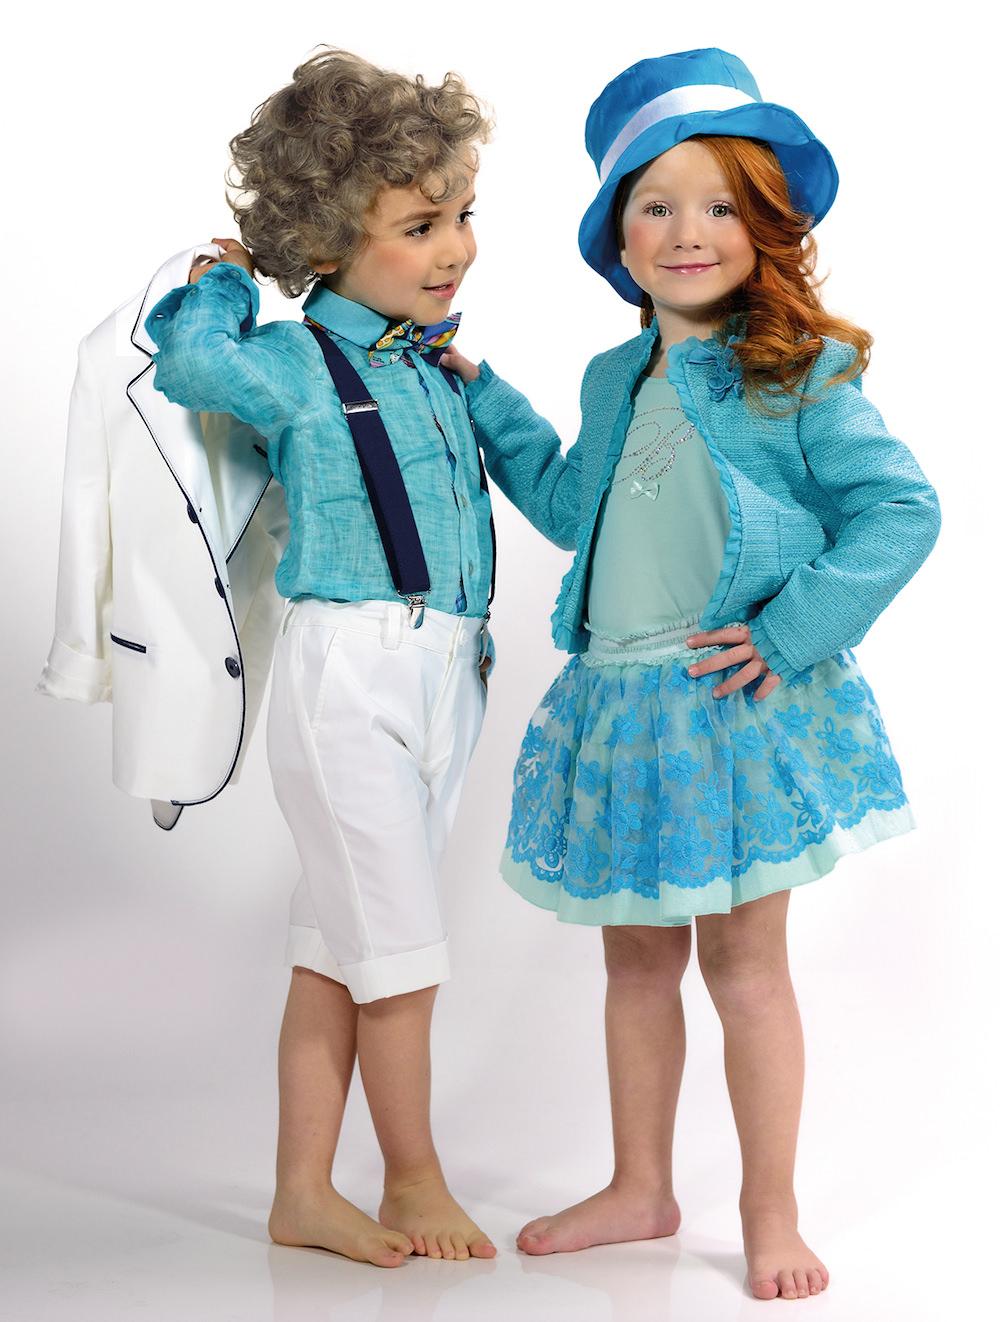 Abbigliamento bambini e ragazzi anni Brums ha una soluzione per tutte le esigenze di abbigliamento di bambine e ragazzi per dare colore ad ogni attimo della giornata. I bambini e i ragazzi dai 3 ai 16 anni hanno bisogno di look per tutte le occasioni.